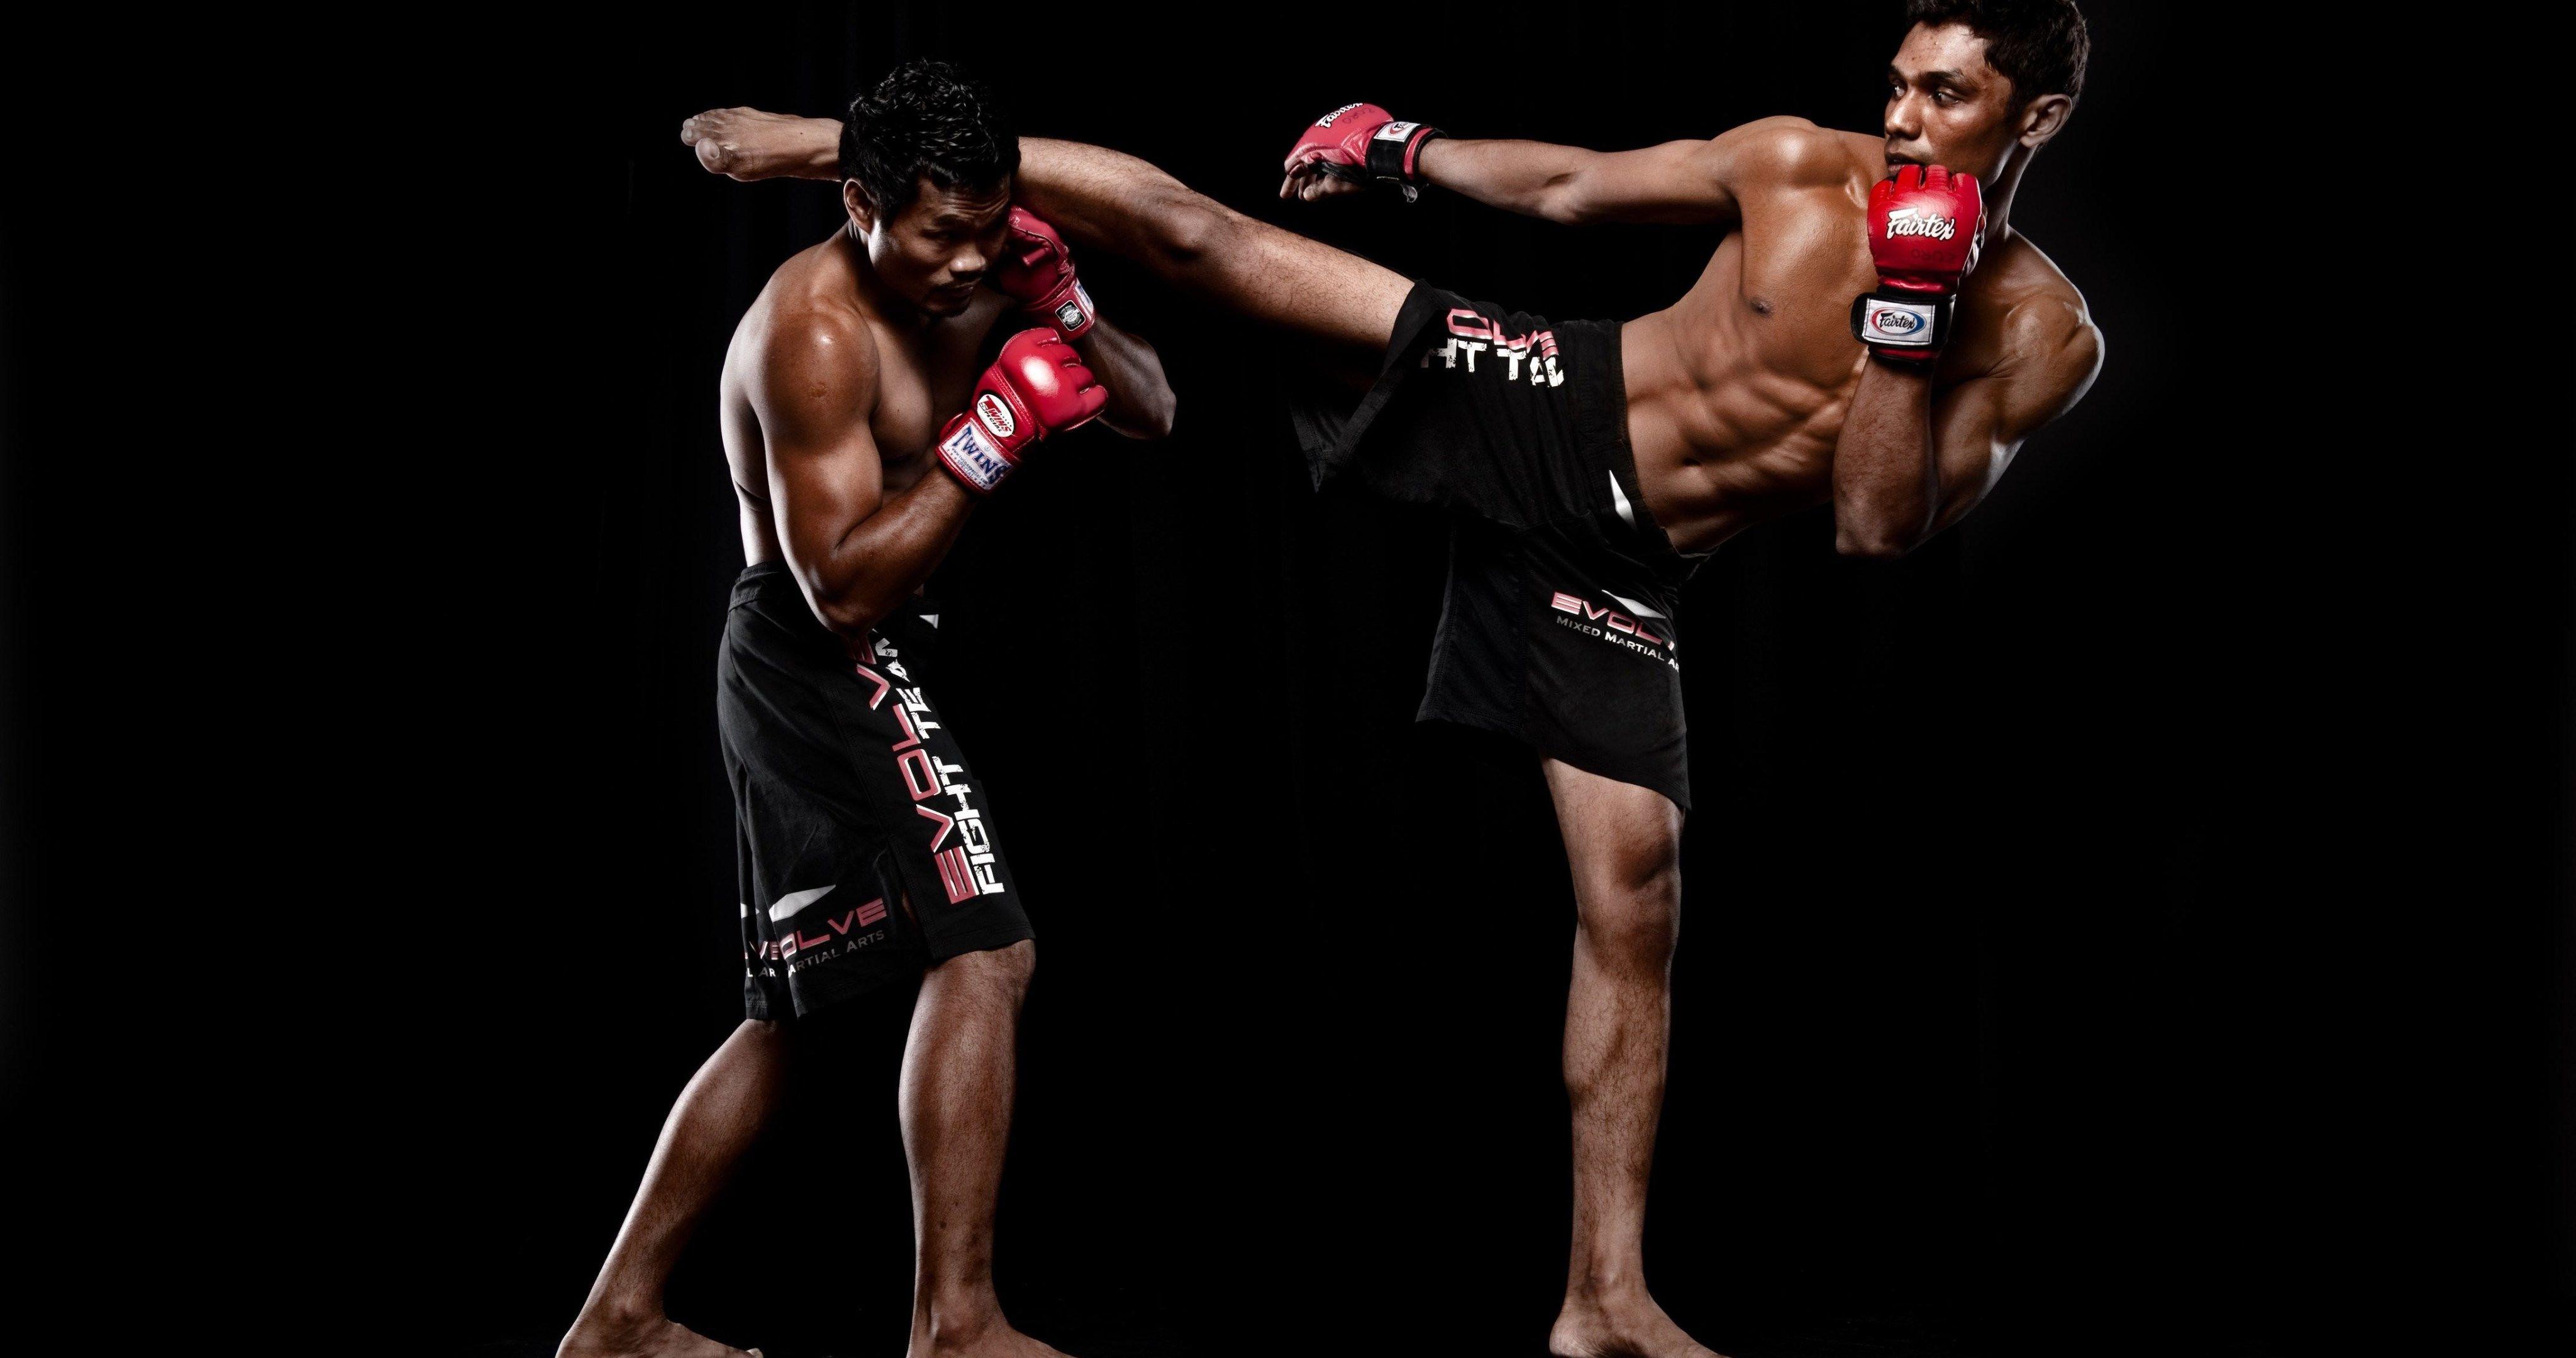 mma fighters 4k ultra hd wallpaper Tatuaje de gladiador 4096x2160